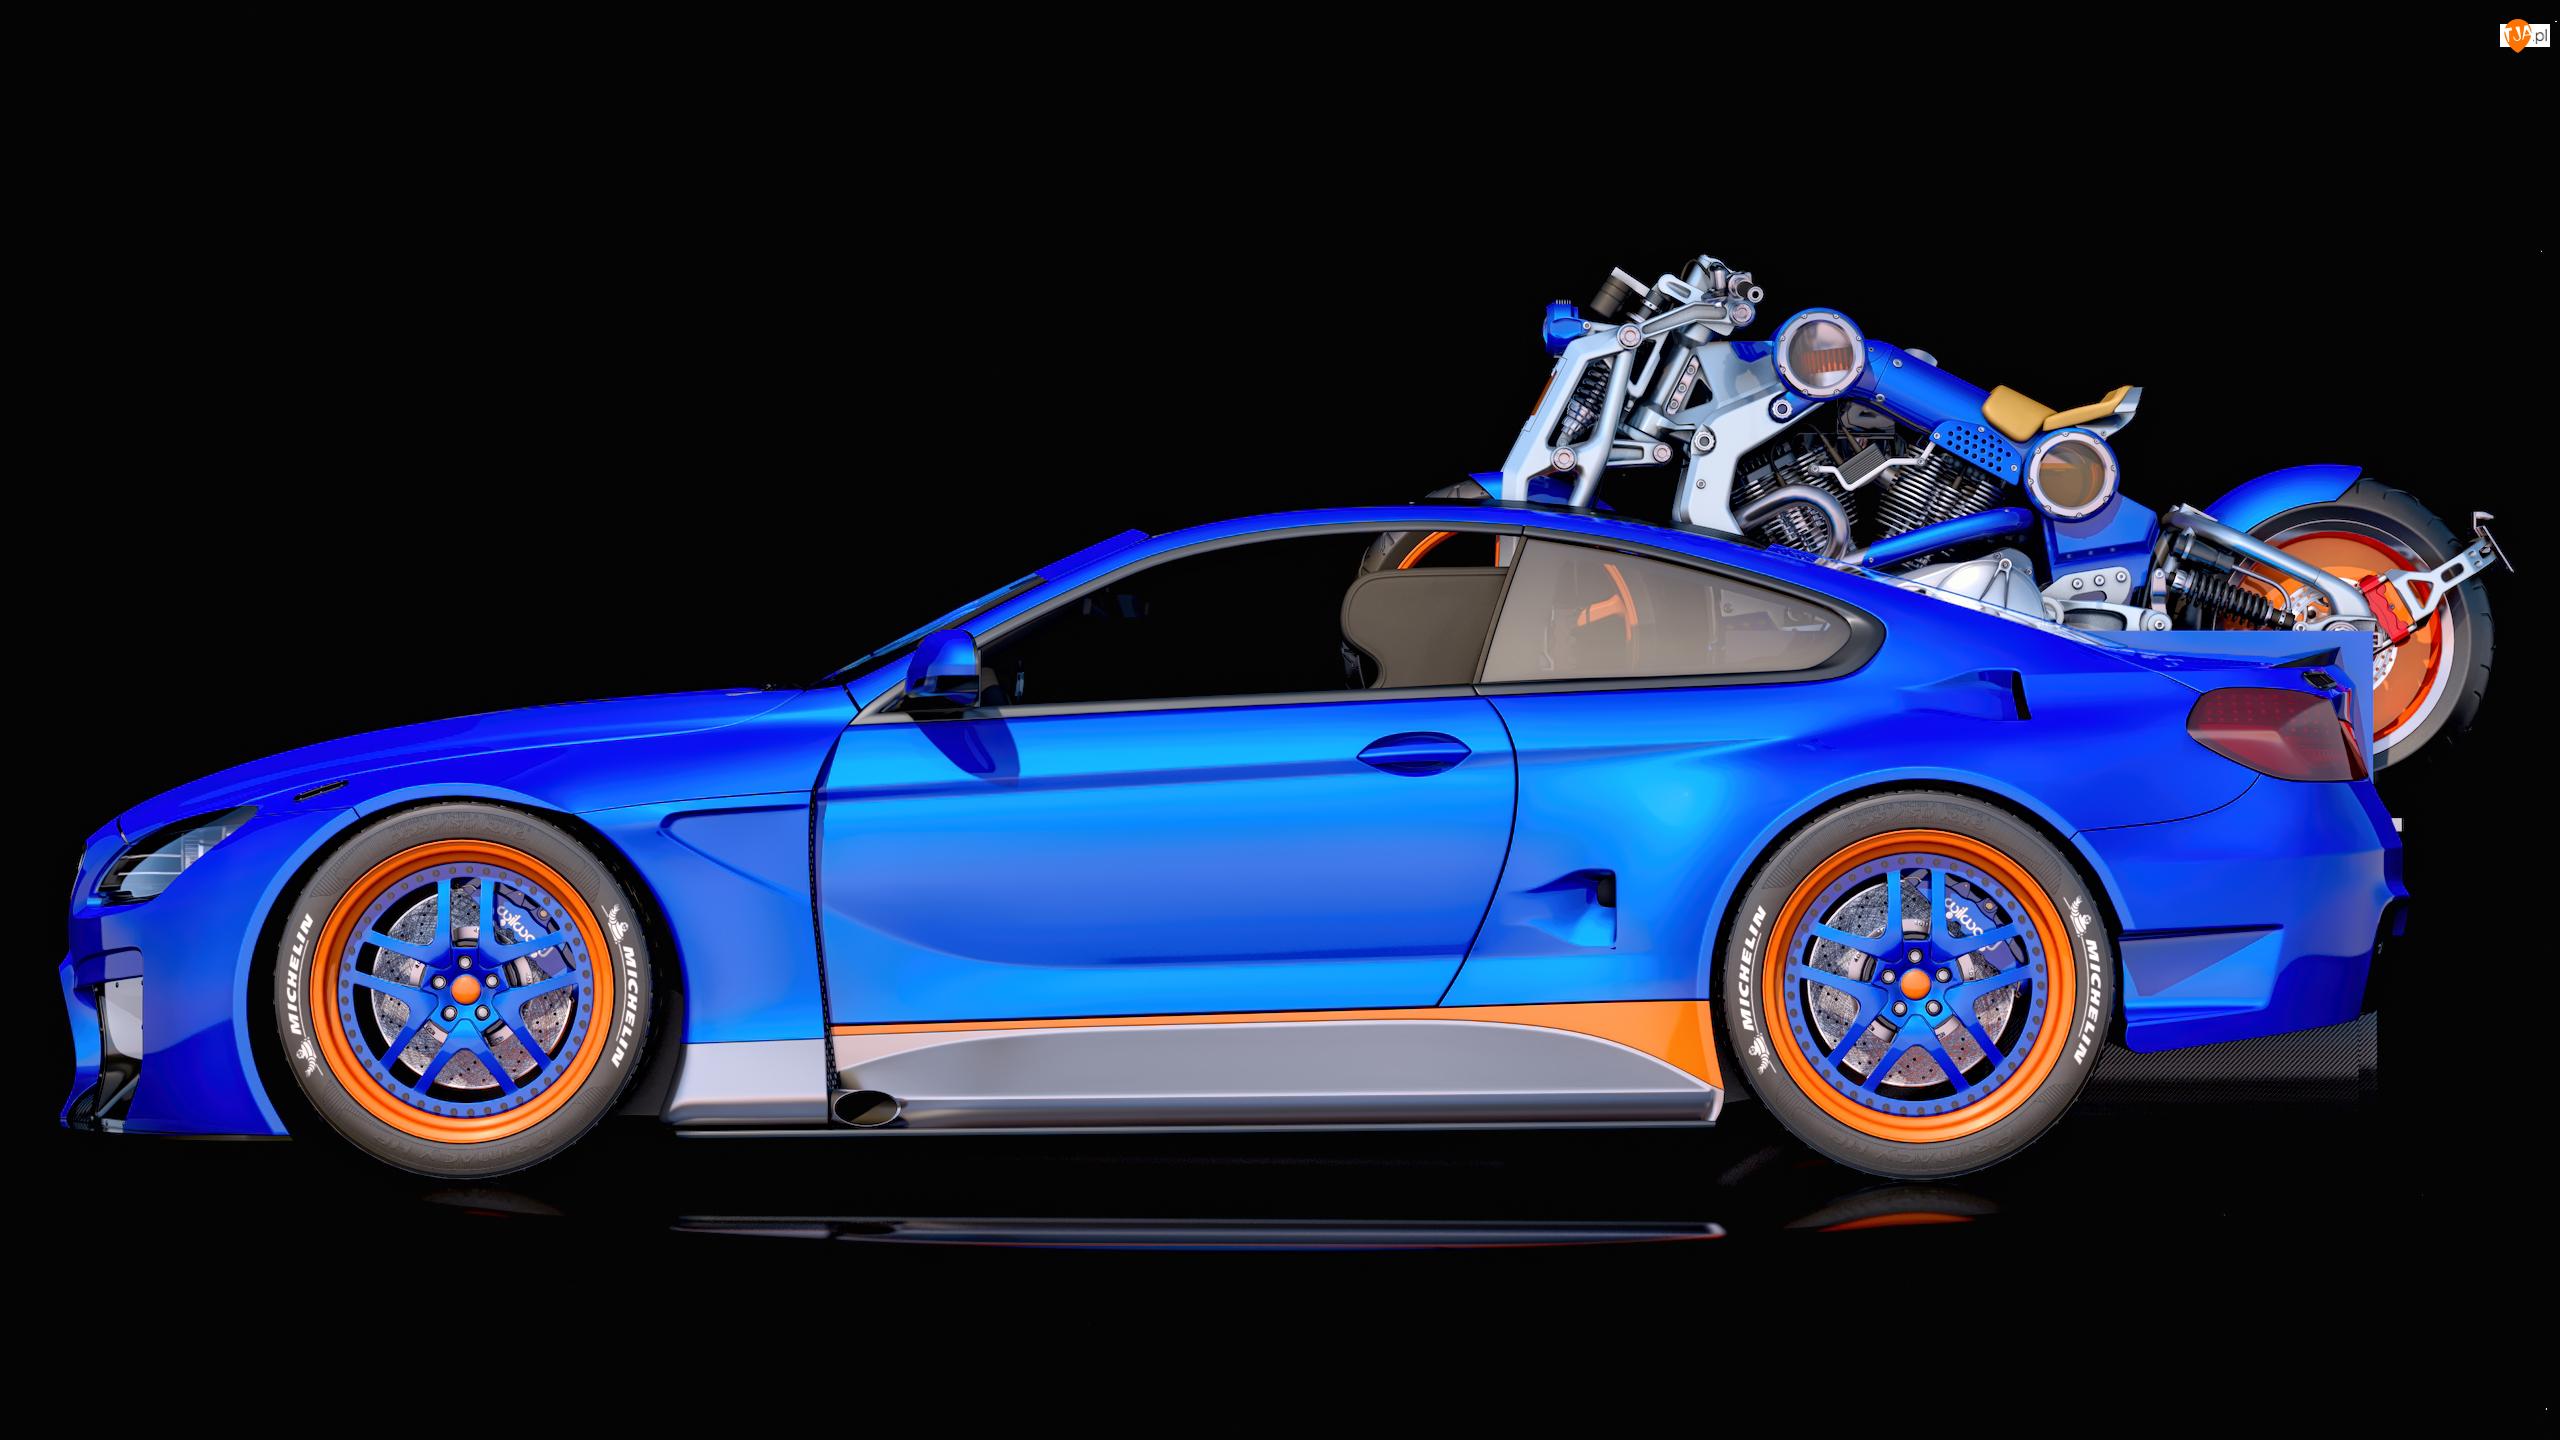 BMW M6, Motocykl